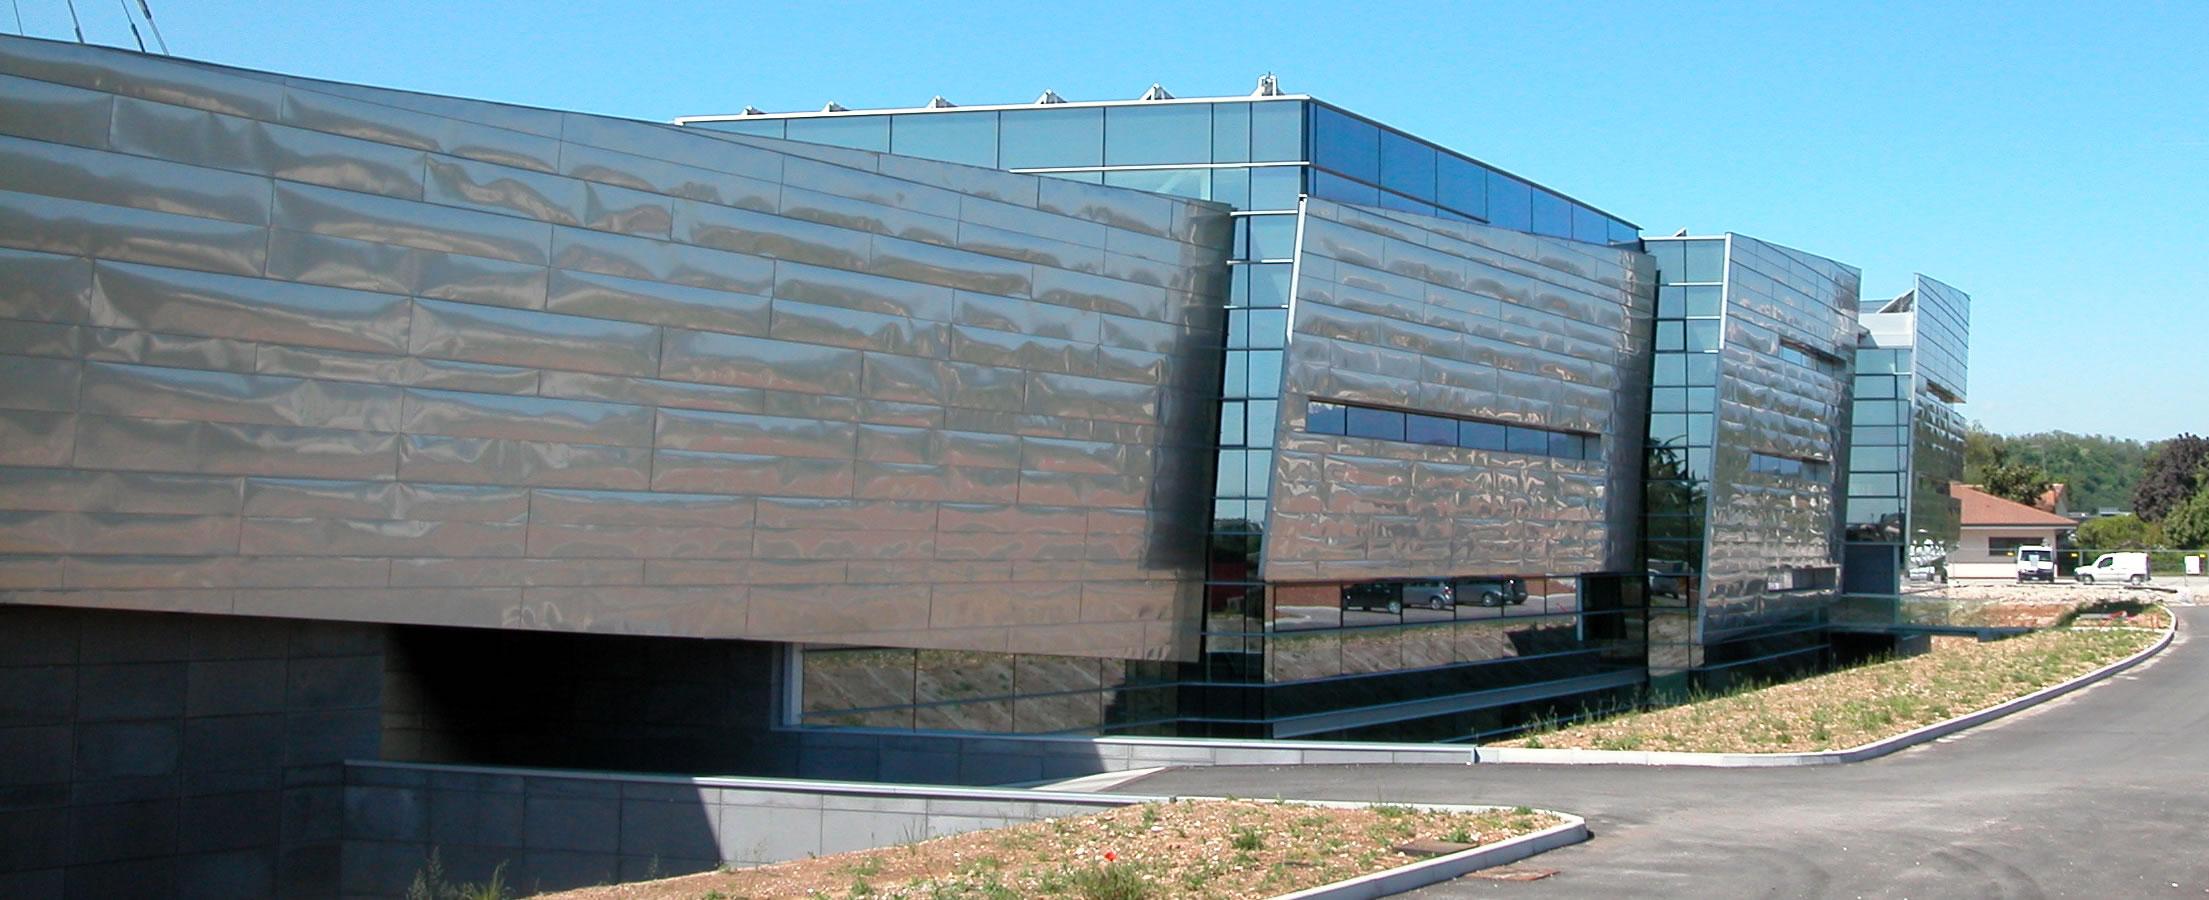 Di centa di ronco srl tetti coperture e rivestimenti for Piani di capannone per uffici esterni